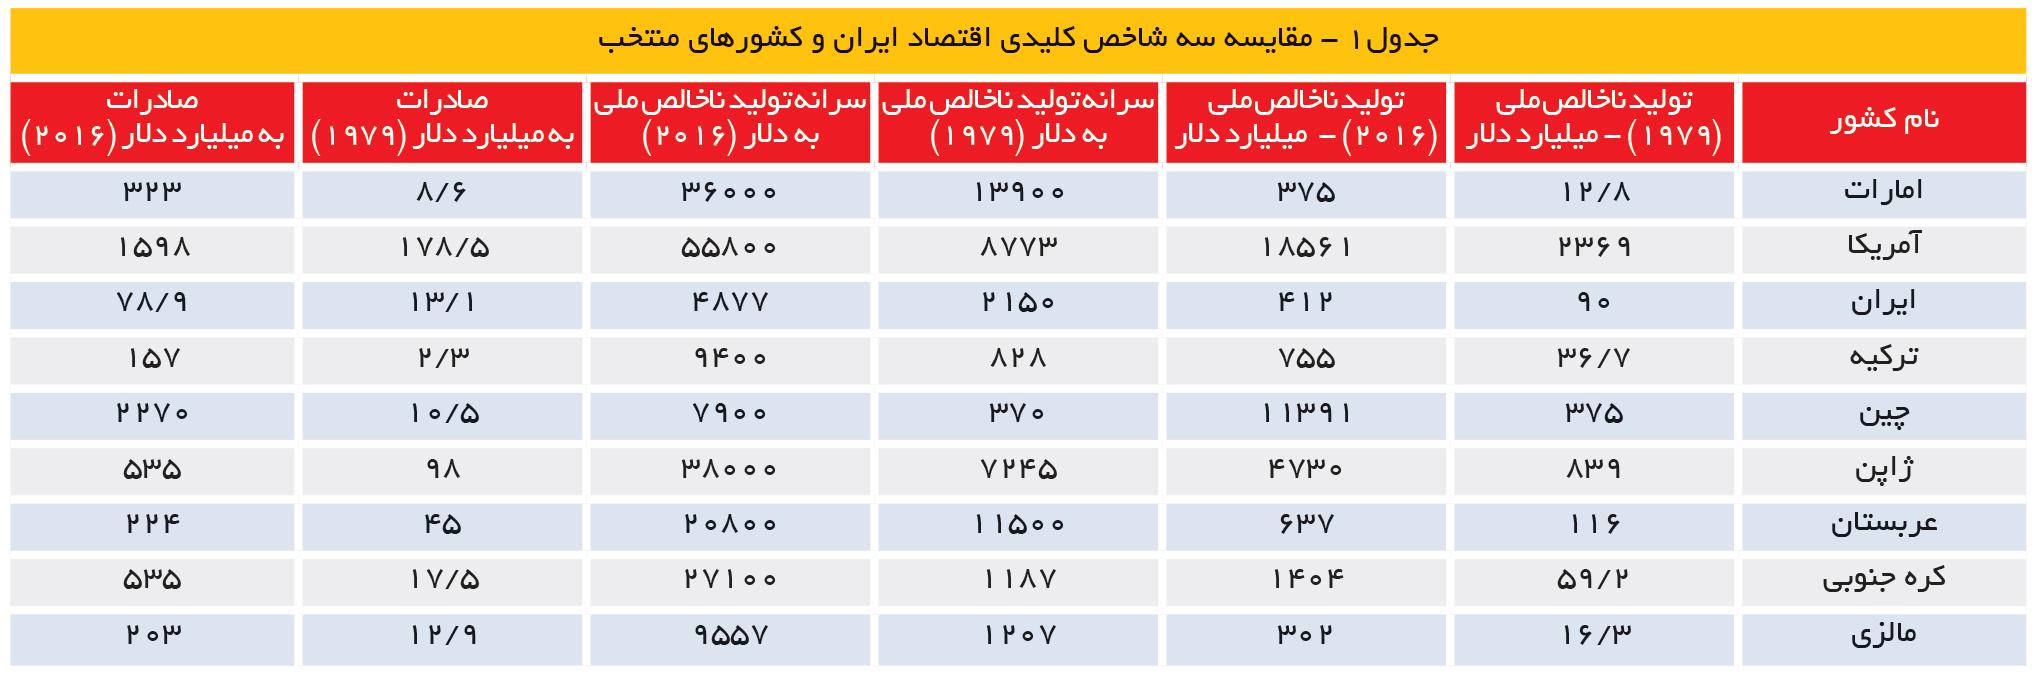 تجارت- فردا- جدول1 - مقایسه سه شاخص کلیدی اقتصاد ایران و کشورهای منتخب